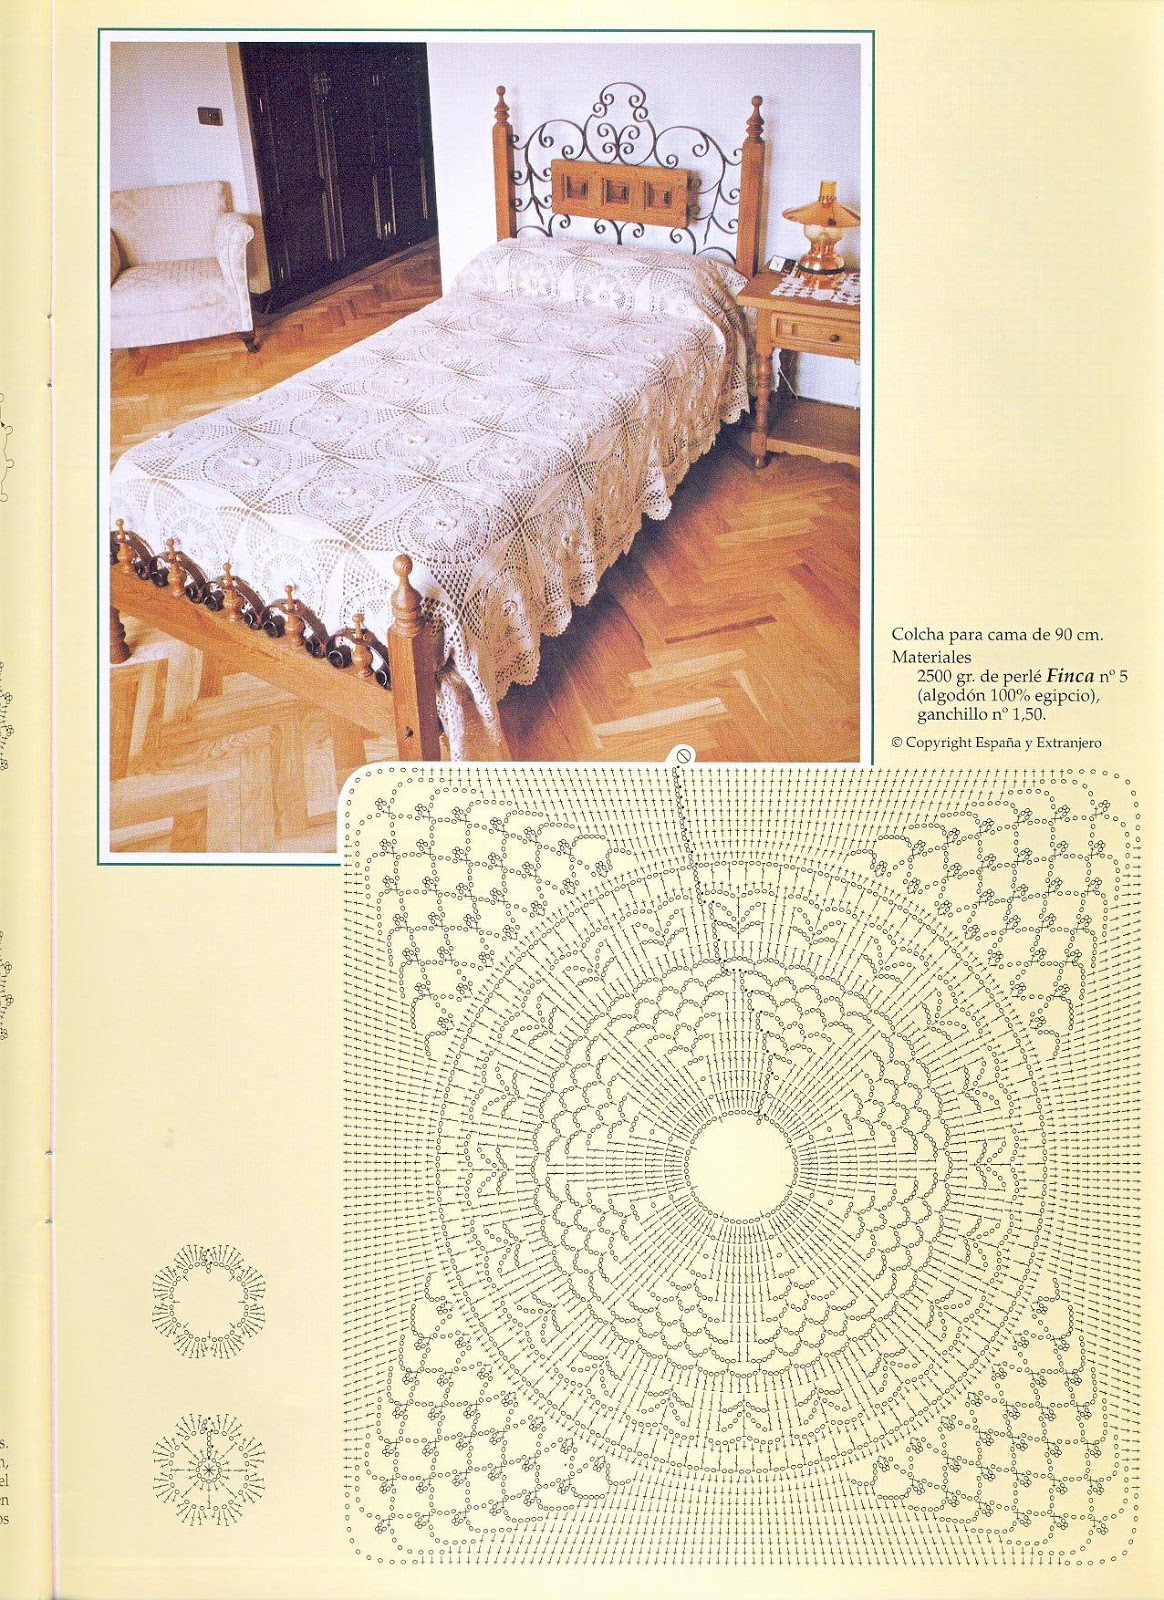 Colchas Crochet Patrones - Diseño Moderno Para El Hogar - Zlit.net